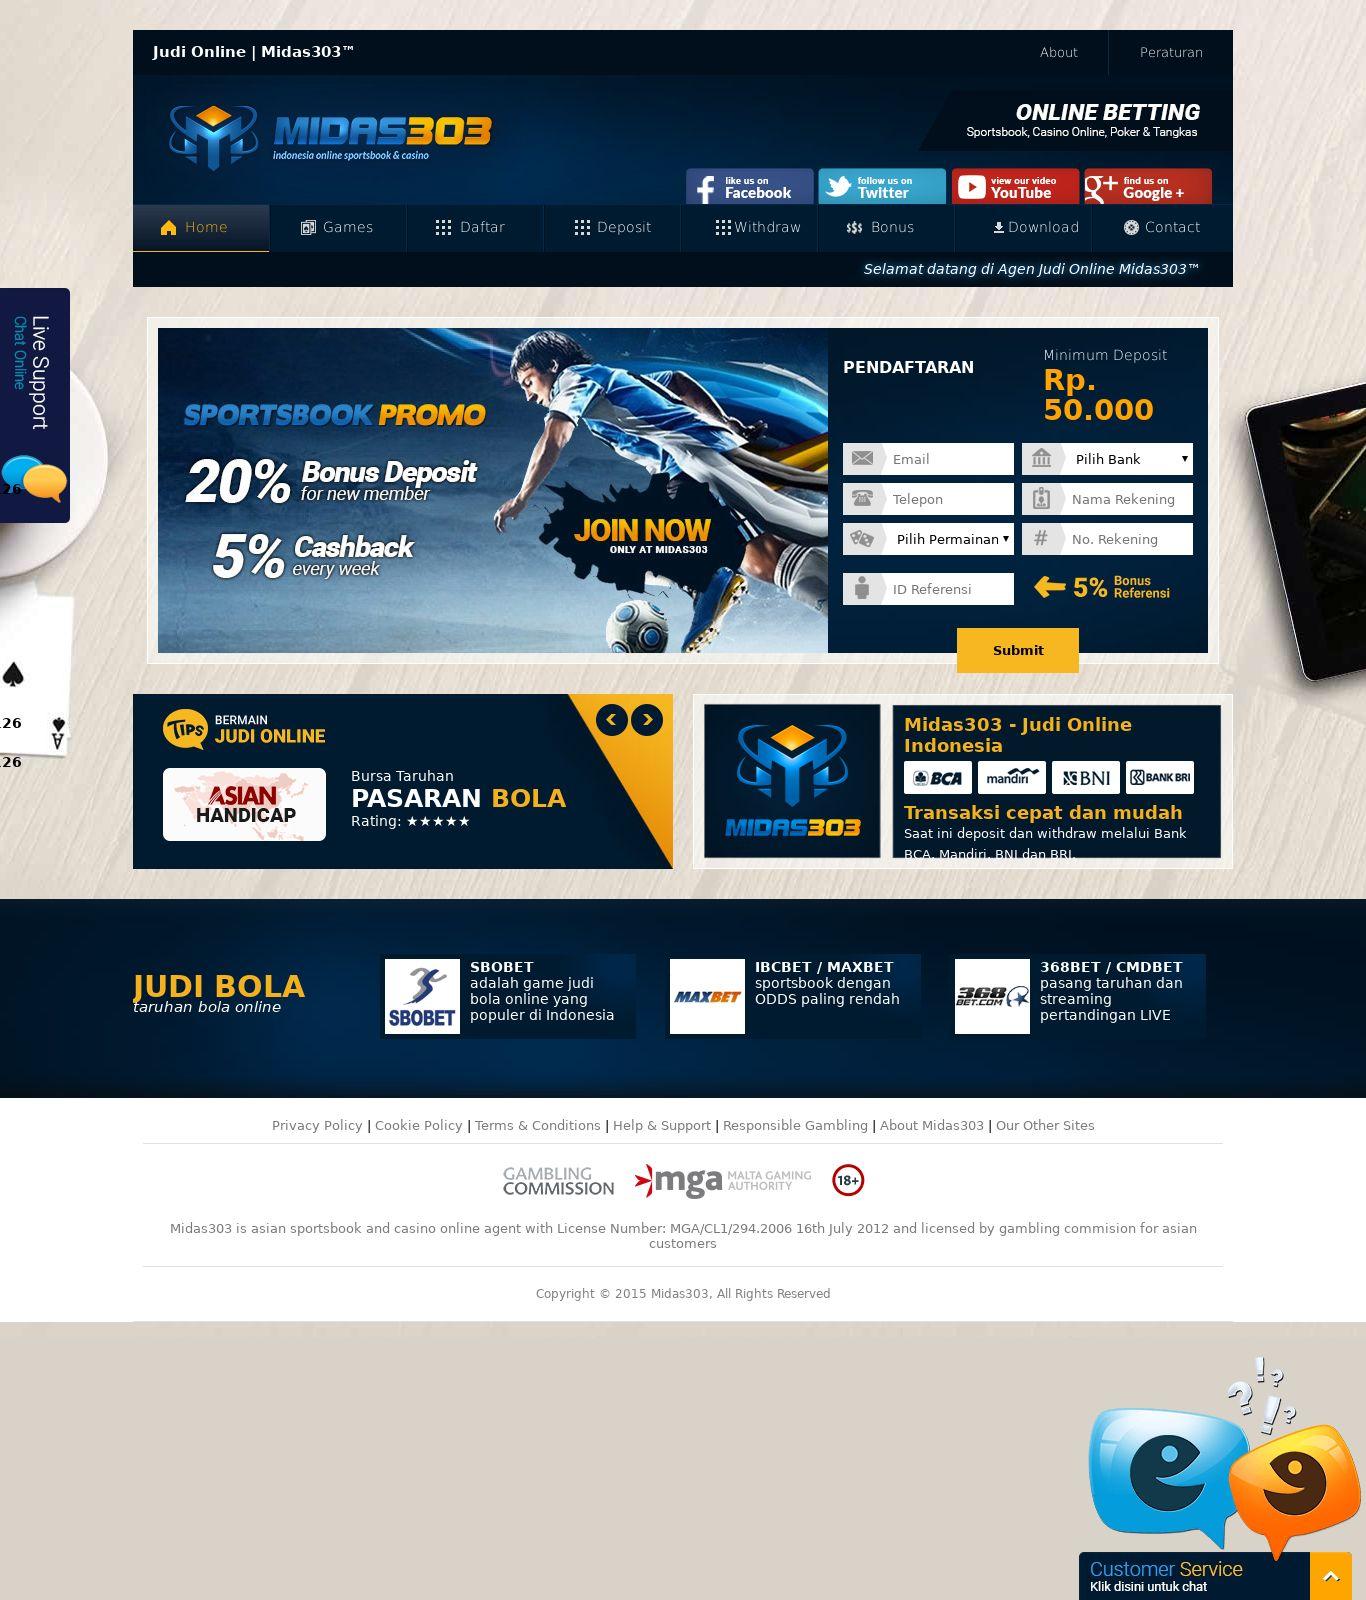 Midas 303 Casino Review 2021 ᐈ Midas 303 Casino Slot Games Midas303 Com Mobile App